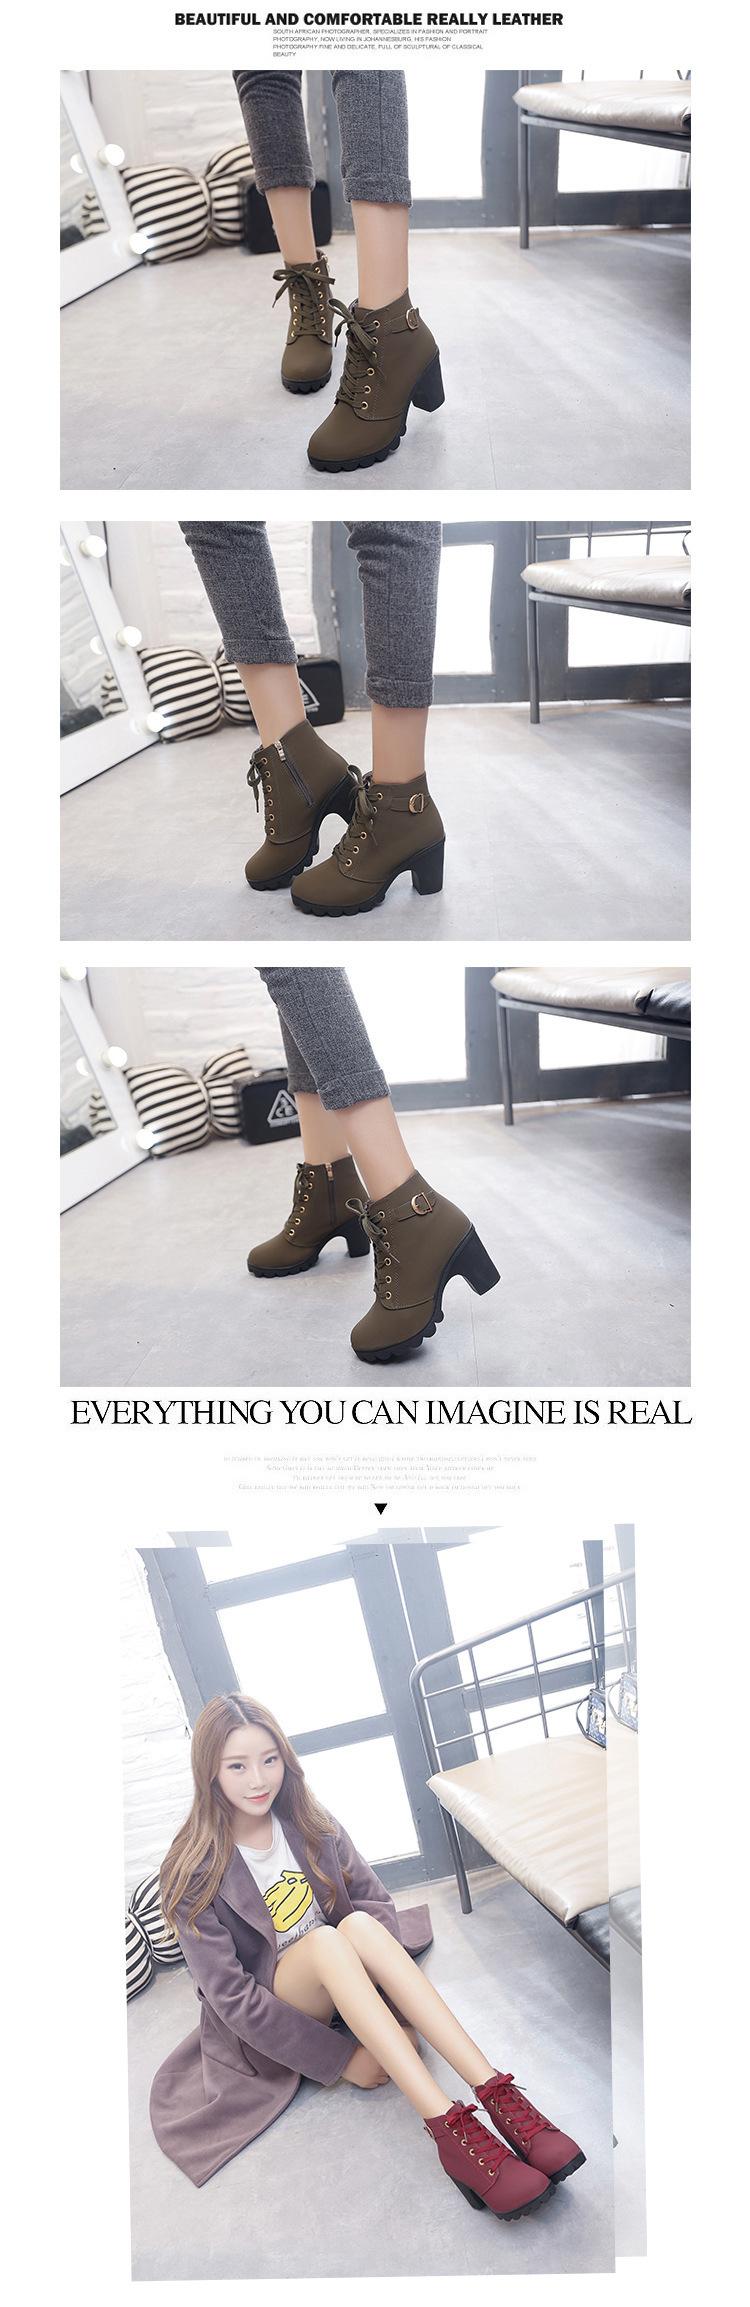 Dicke Size Heels Plus Stiefel Kurze High Von Herbst Stiefeletten Großhandel Damen Frauen Plattform Schnalle Ferse Schuhe Reißverschluss Schnüren MUzpSV